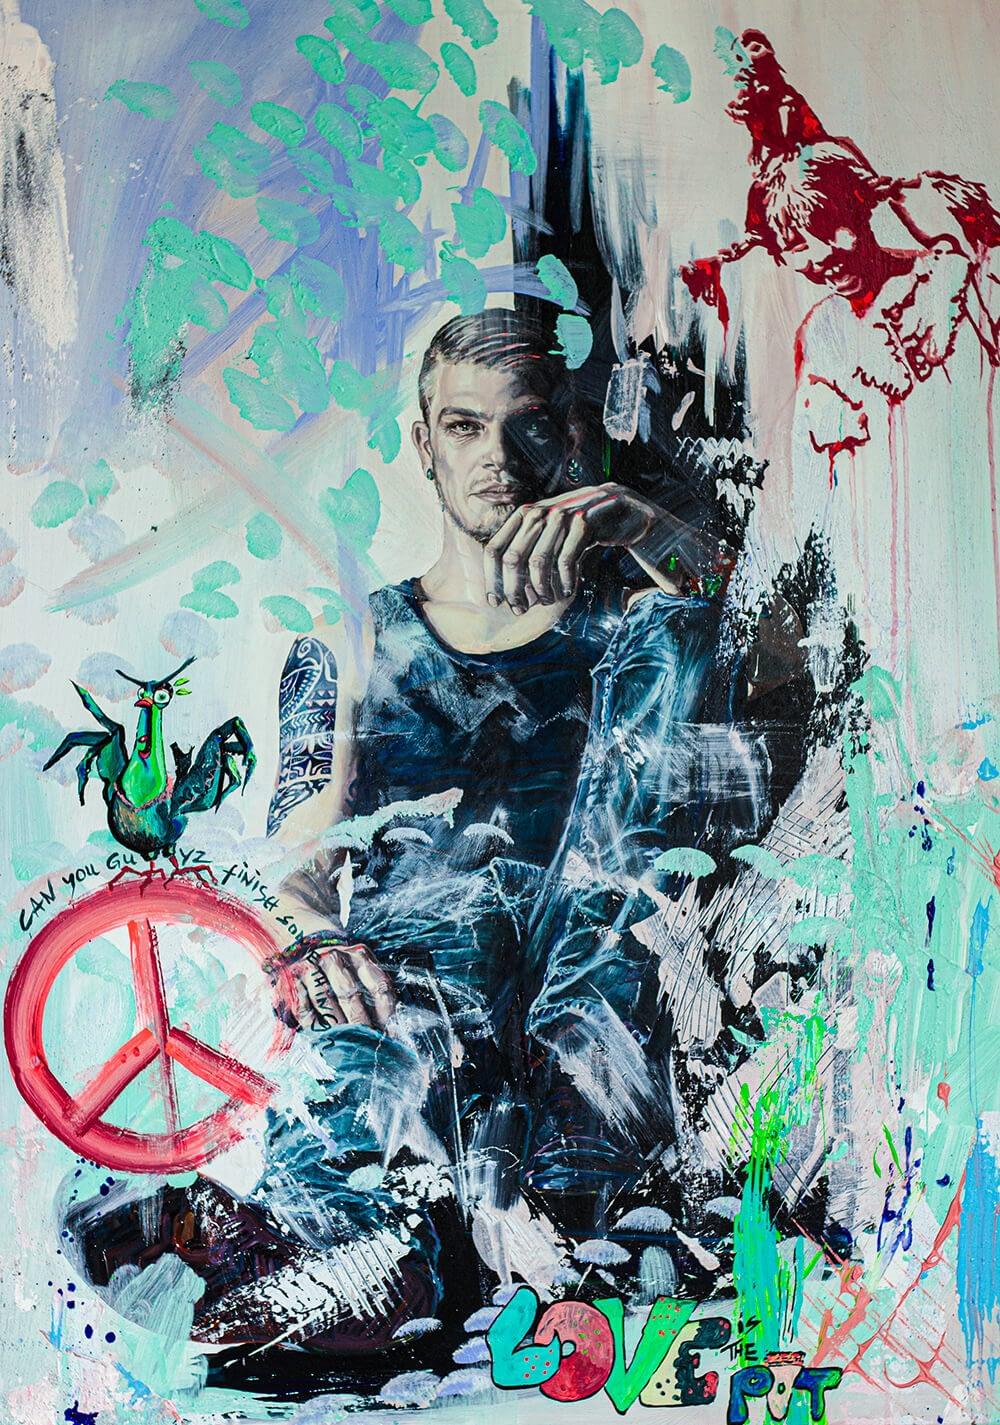 Ute Bescht Kunstwerke: LOVE-POT-PEACE-Pippi Longstocking-Banksy- Original in Show